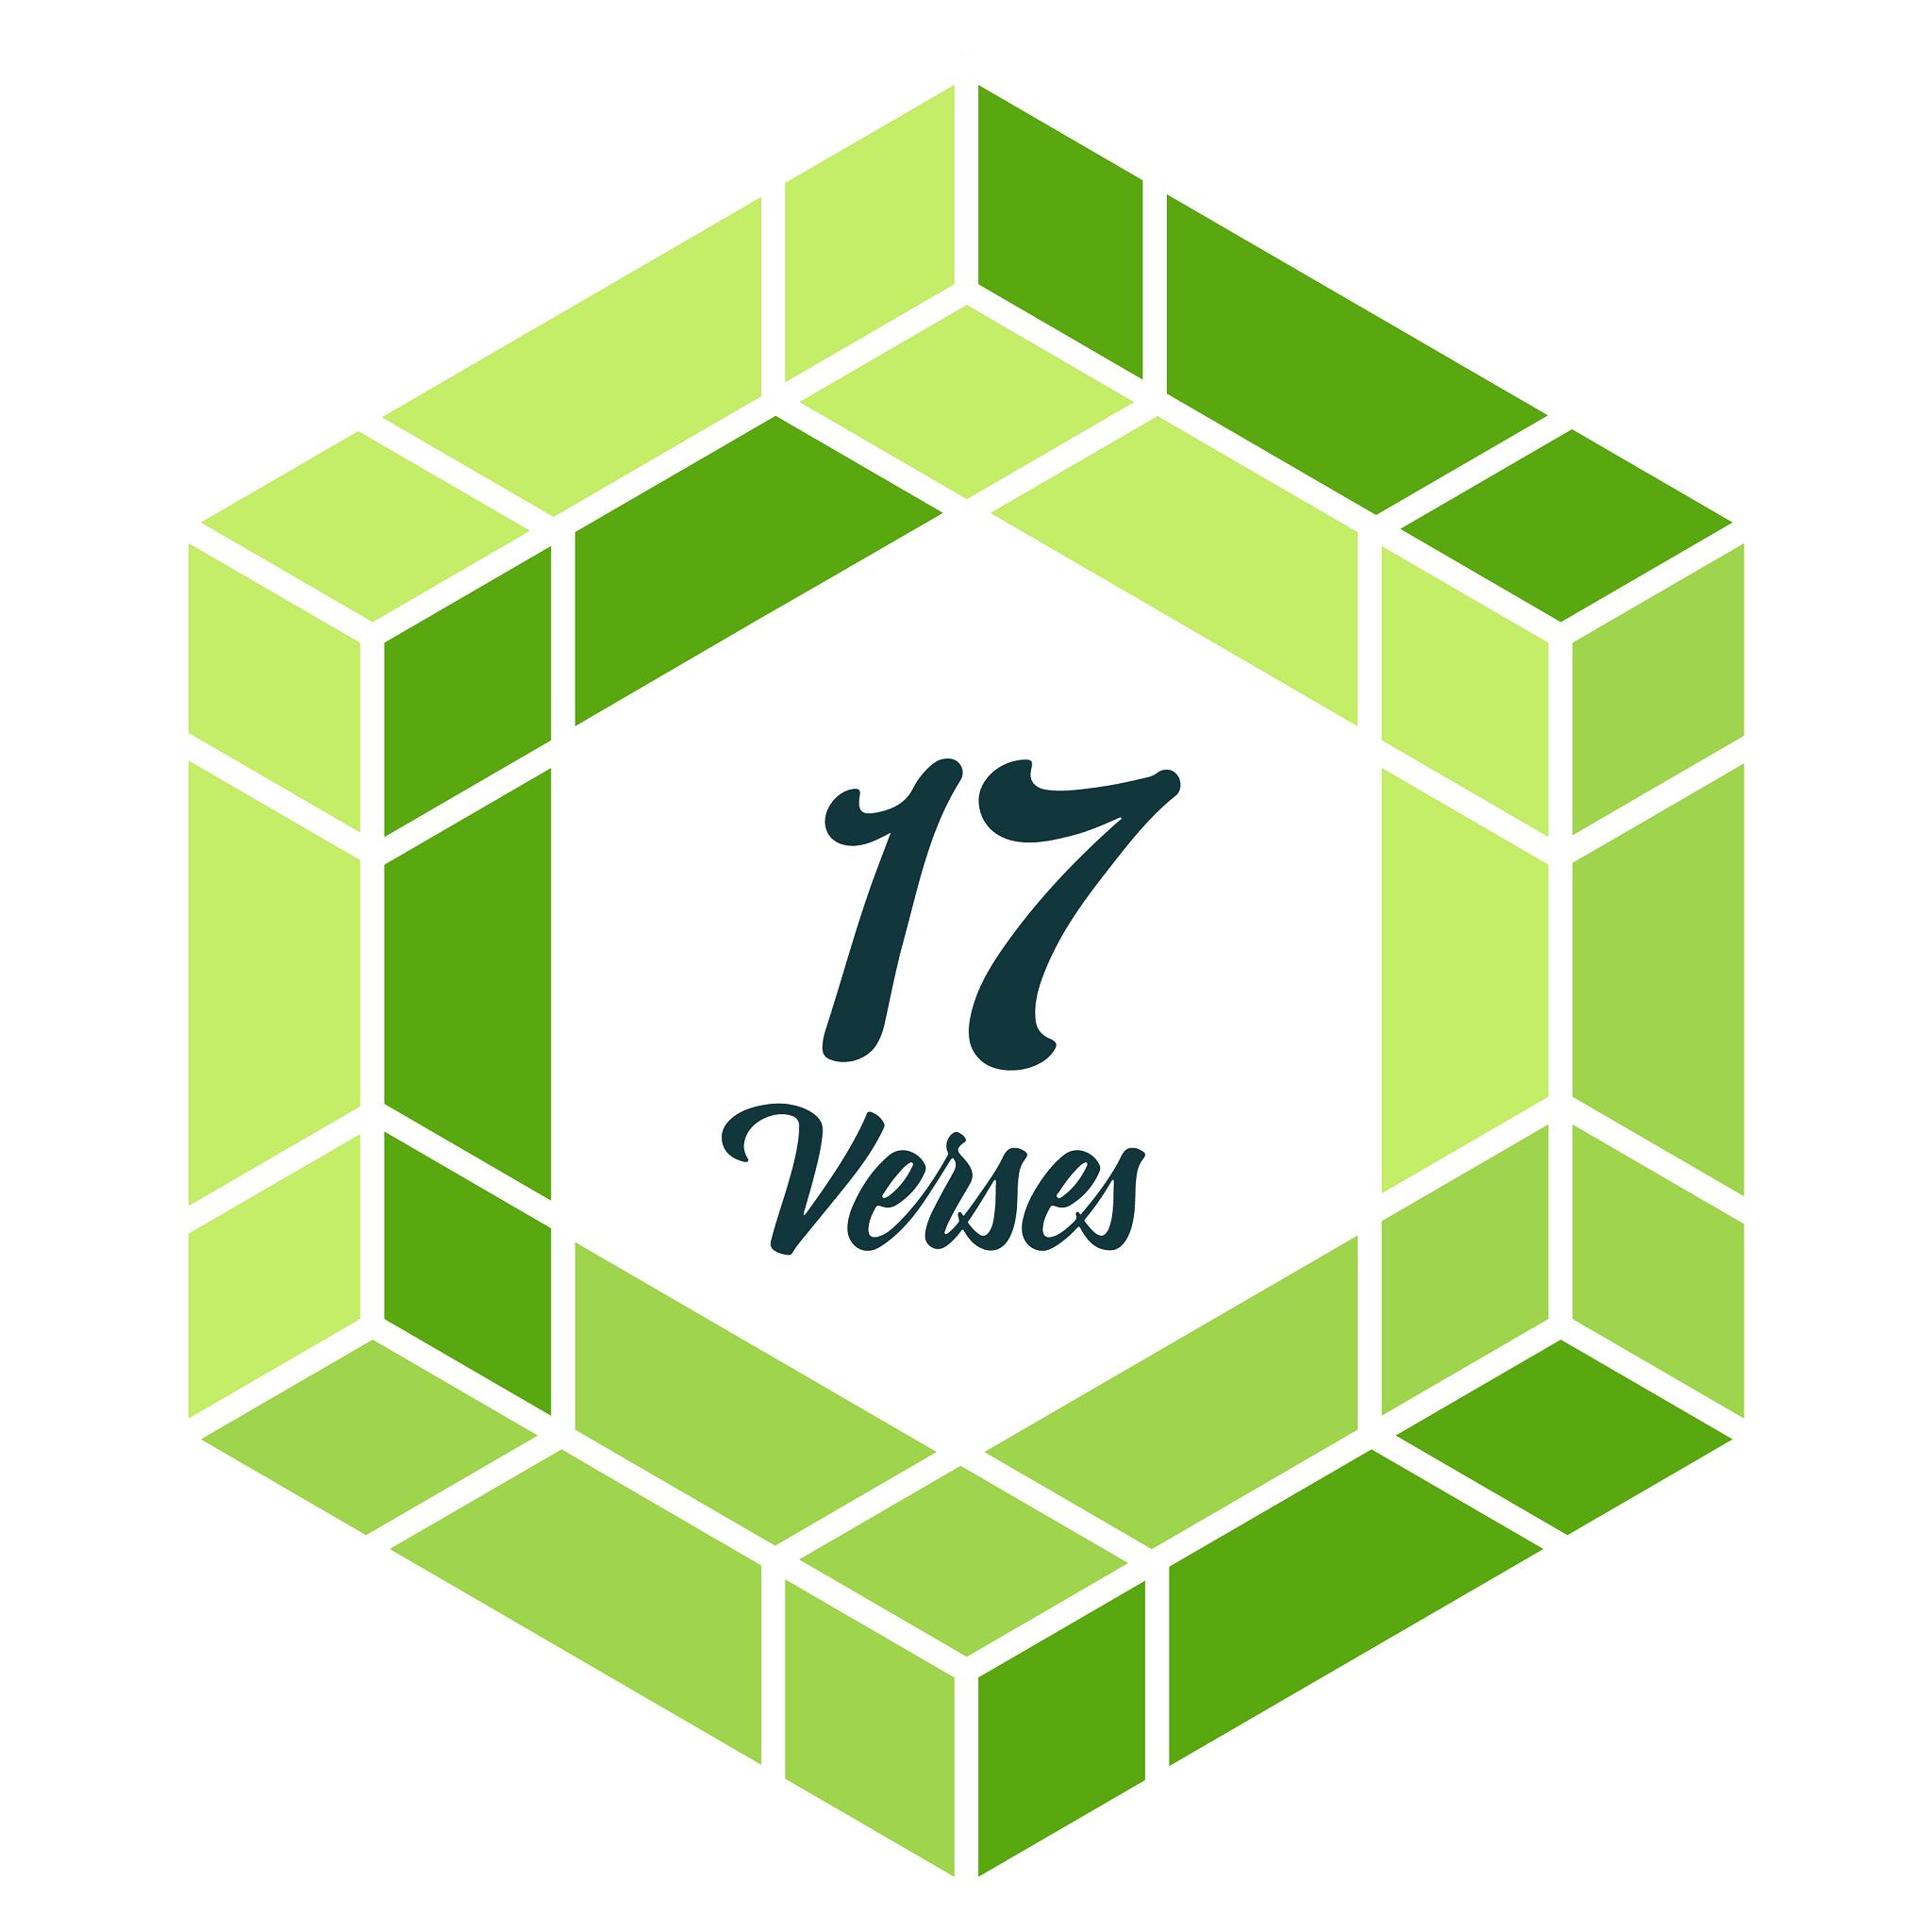 Year 2 - Surah 44 (Adh-Dukhân), Verses 43-59